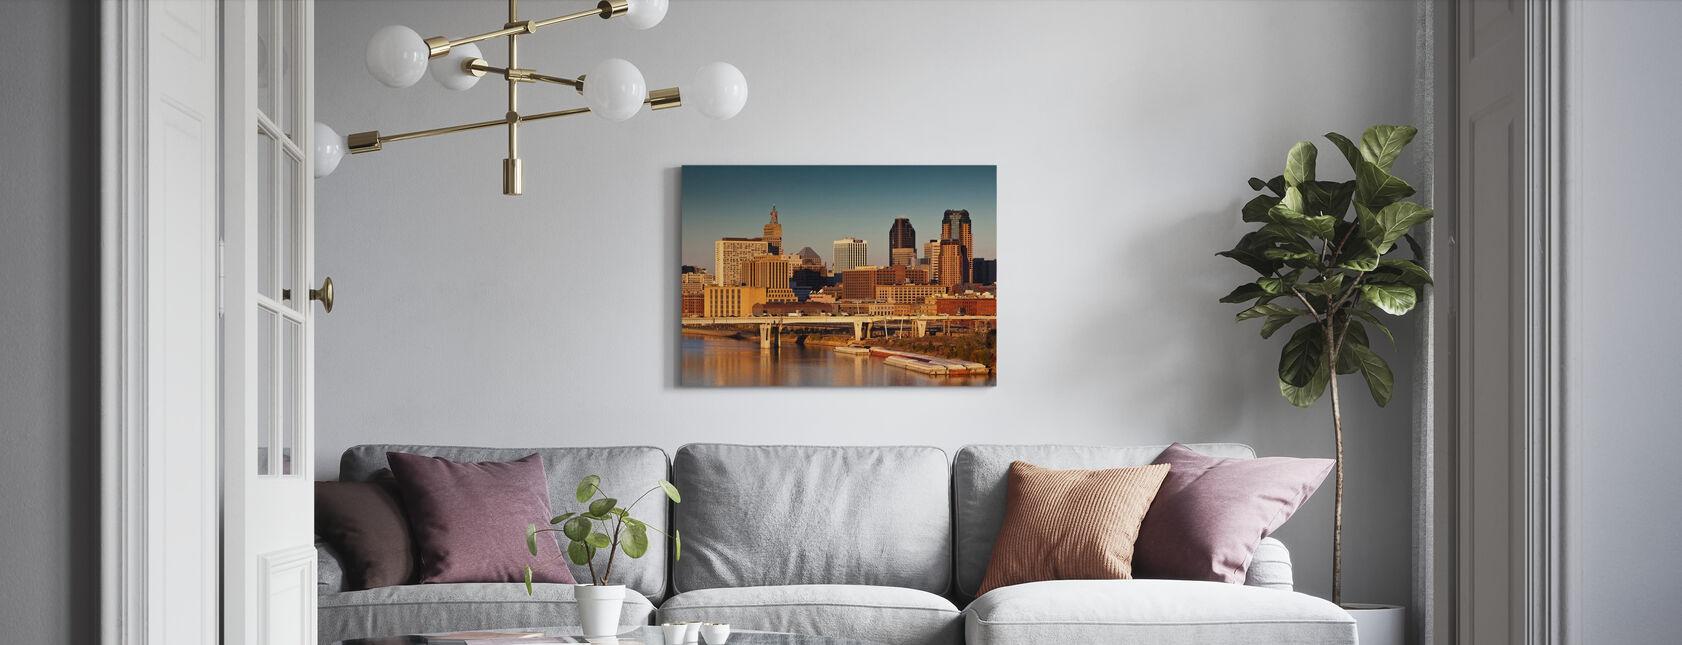 Daggry i Minneapolis - Billede på lærred - Stue